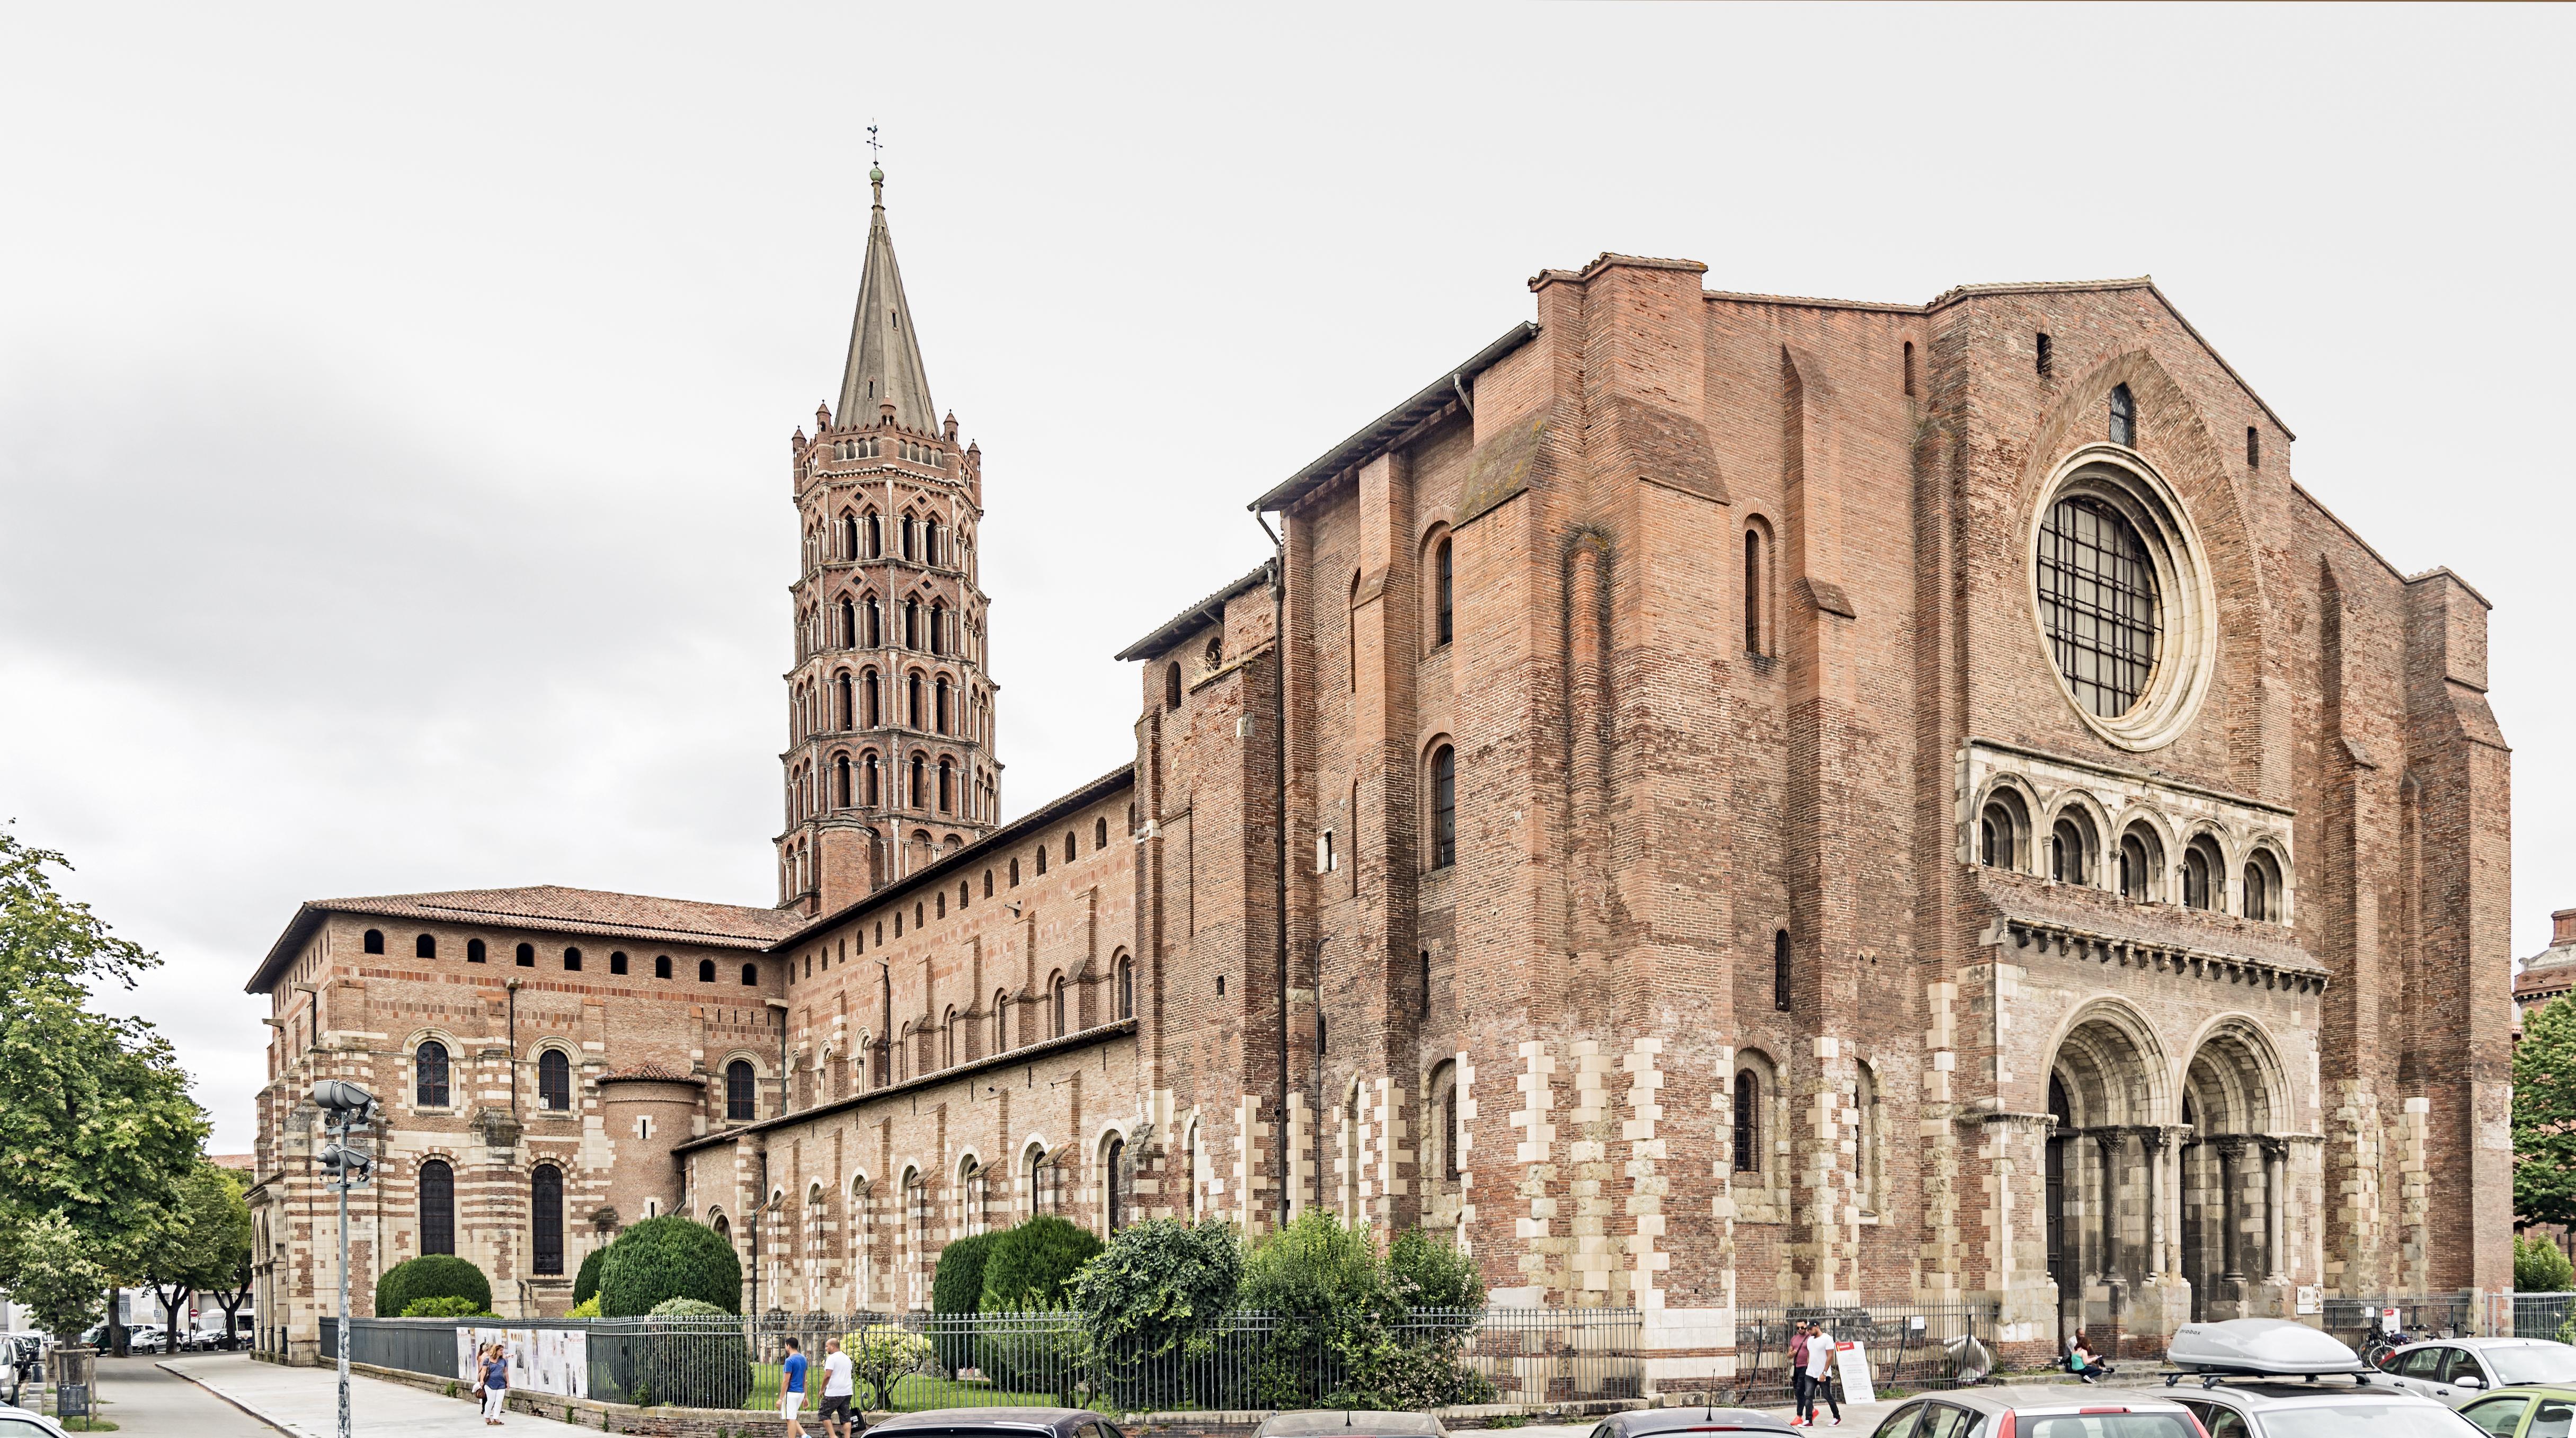 Basilique_Saint-Sernin_de_Toulouse_-_exposition_ouest-1-.jpg